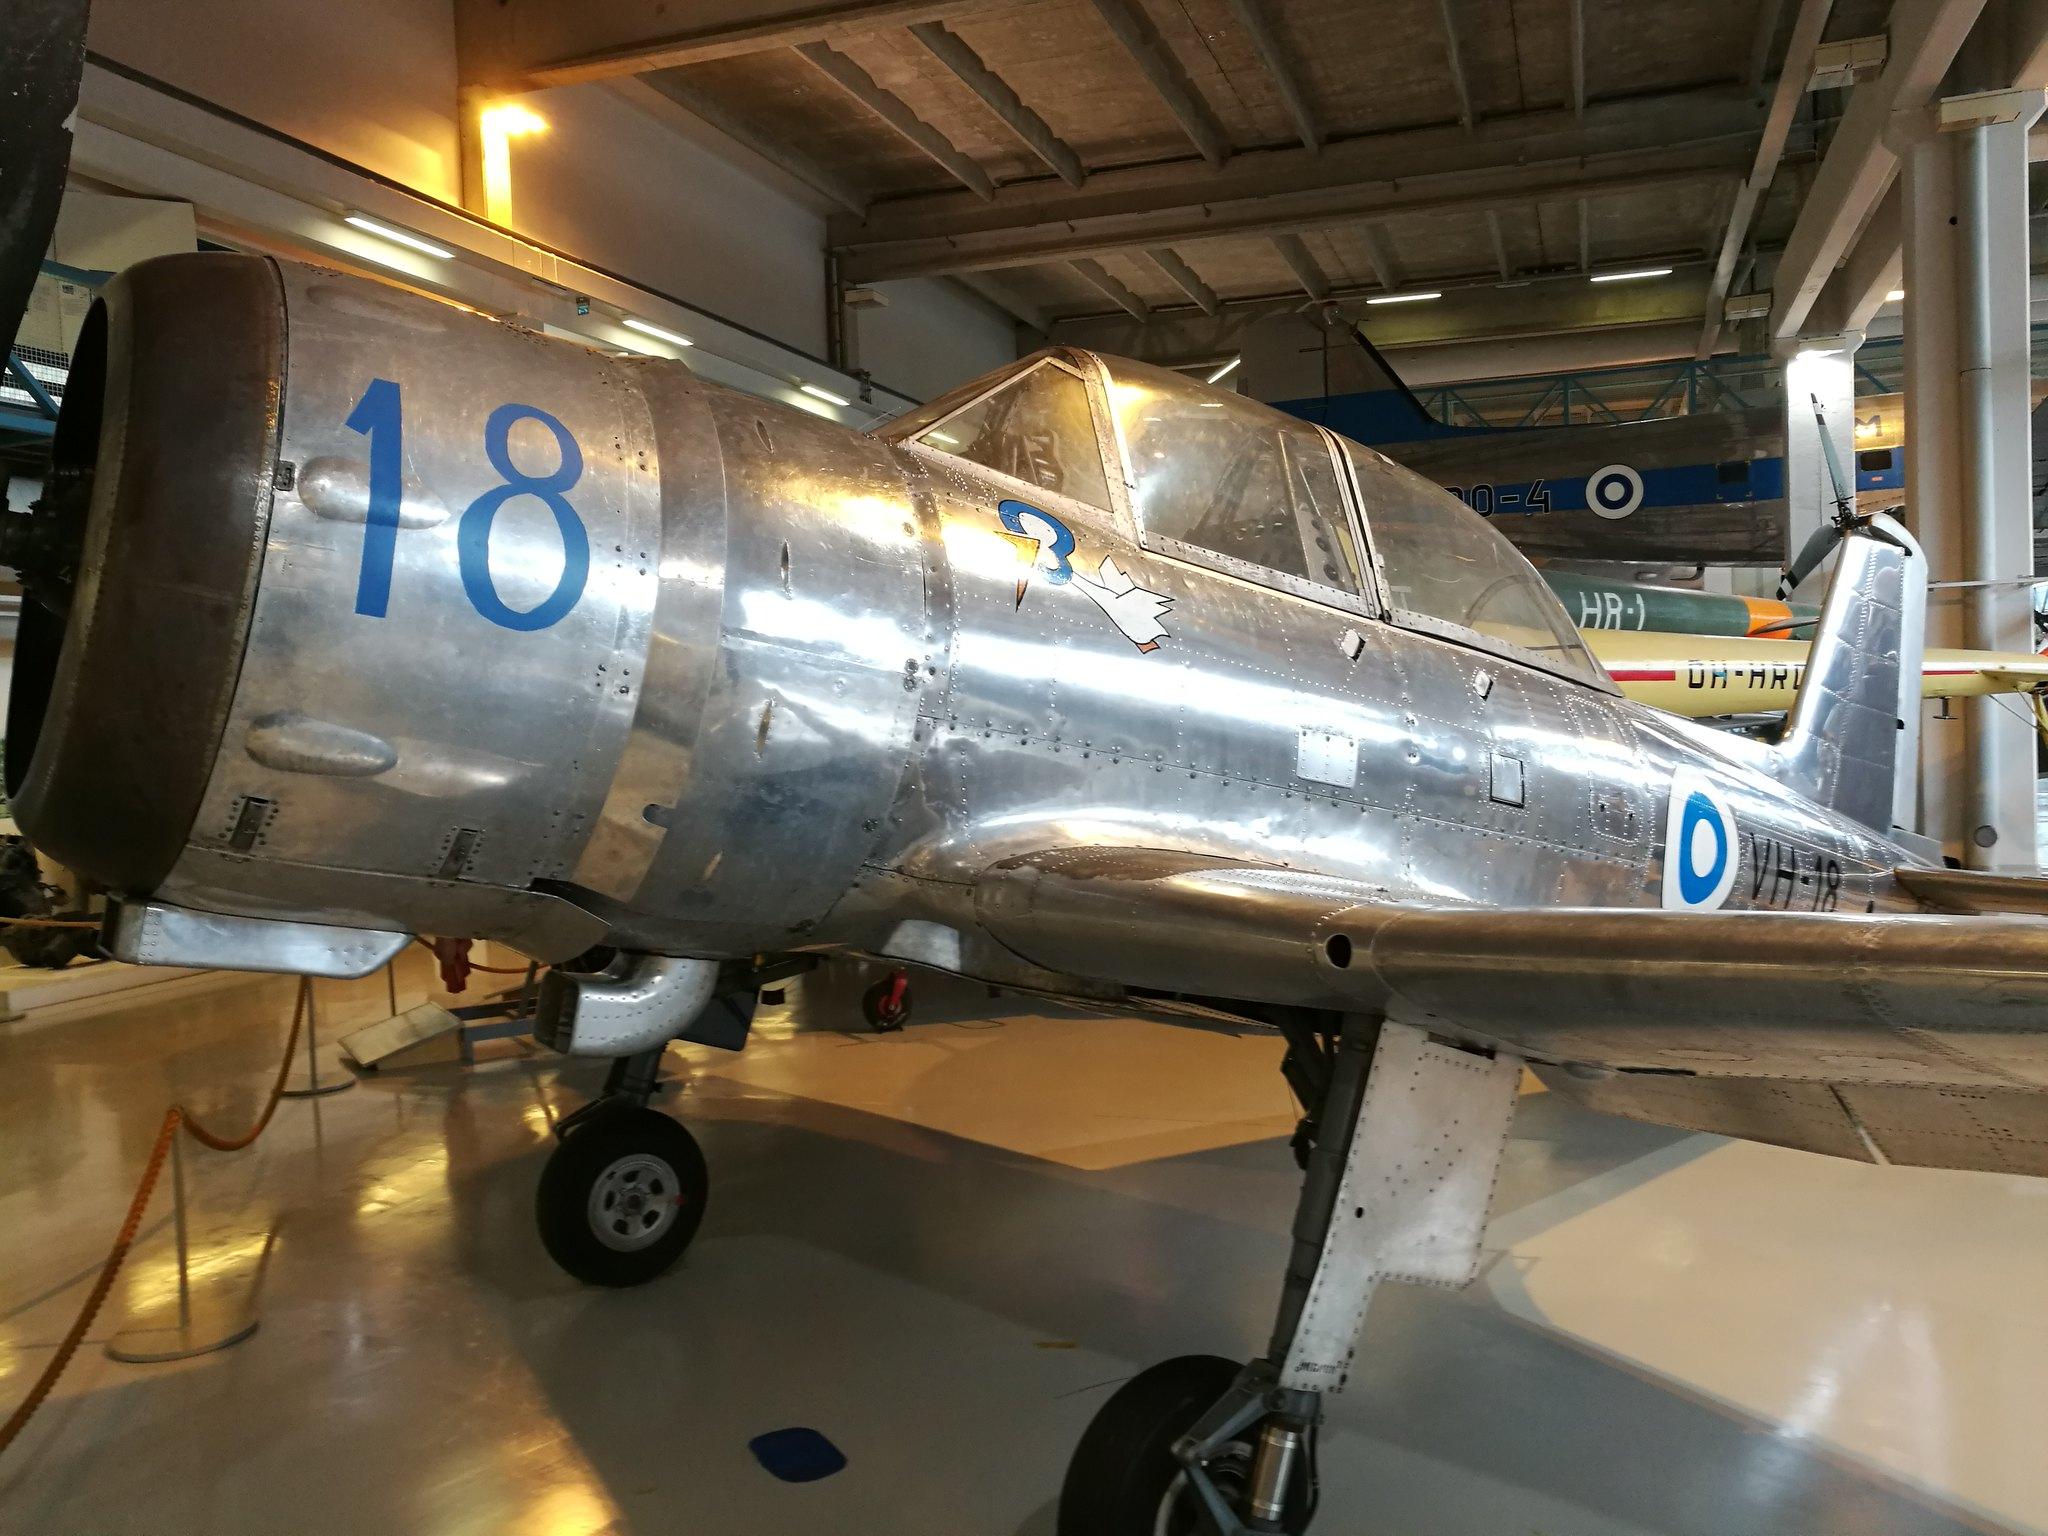 Hemkommen från semester i Finland med utflykt till Finlands Flygvapenmuseum. 48293060462_4f371ef1ab_k